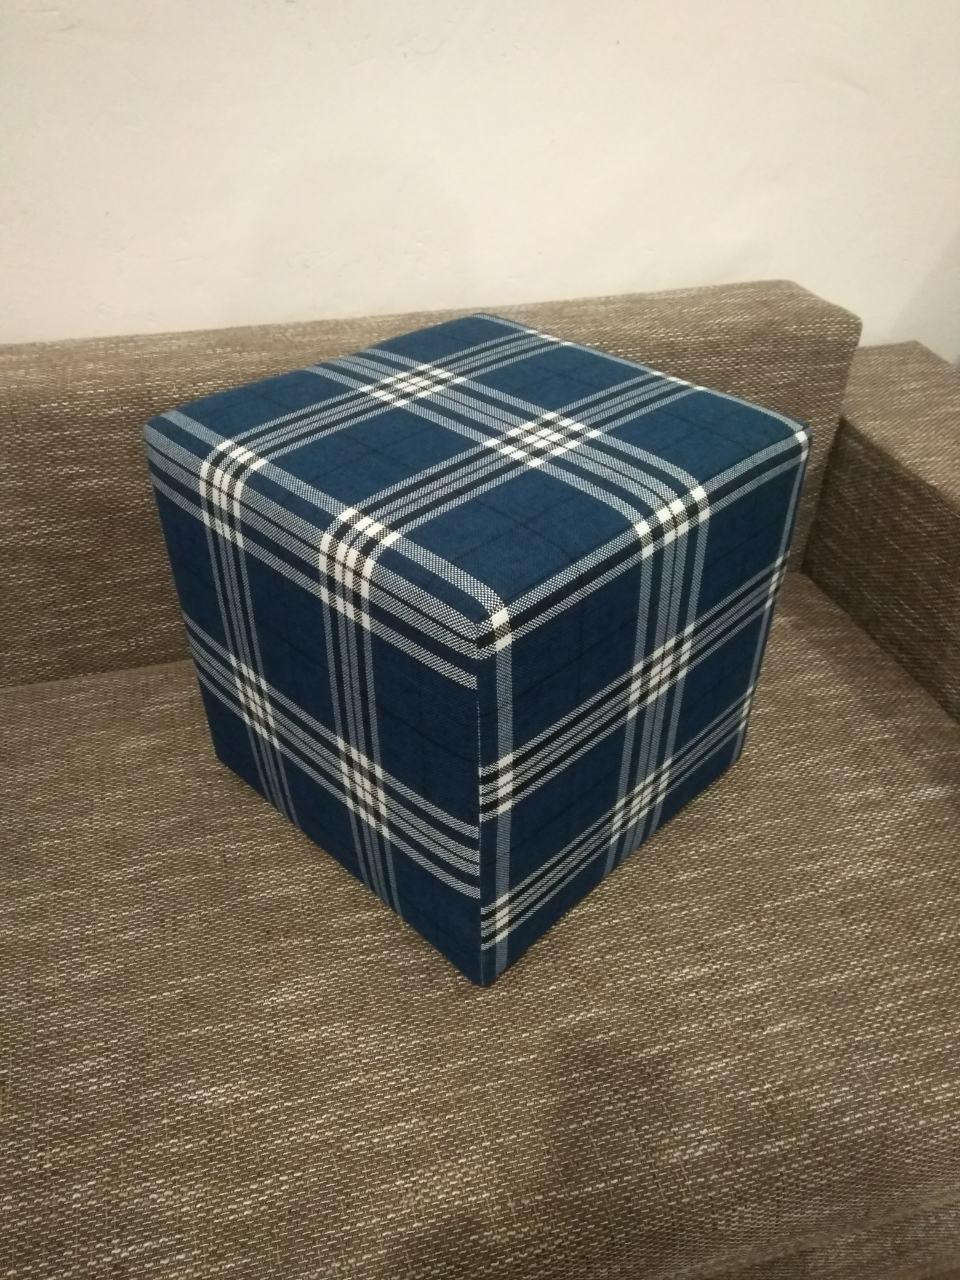 Пуф квадратный Шотландия С3 ,пуфик,пуфики,пуф кожзам,пуф экокожа,банкетка,банкетки,пуф куб,пуф фото